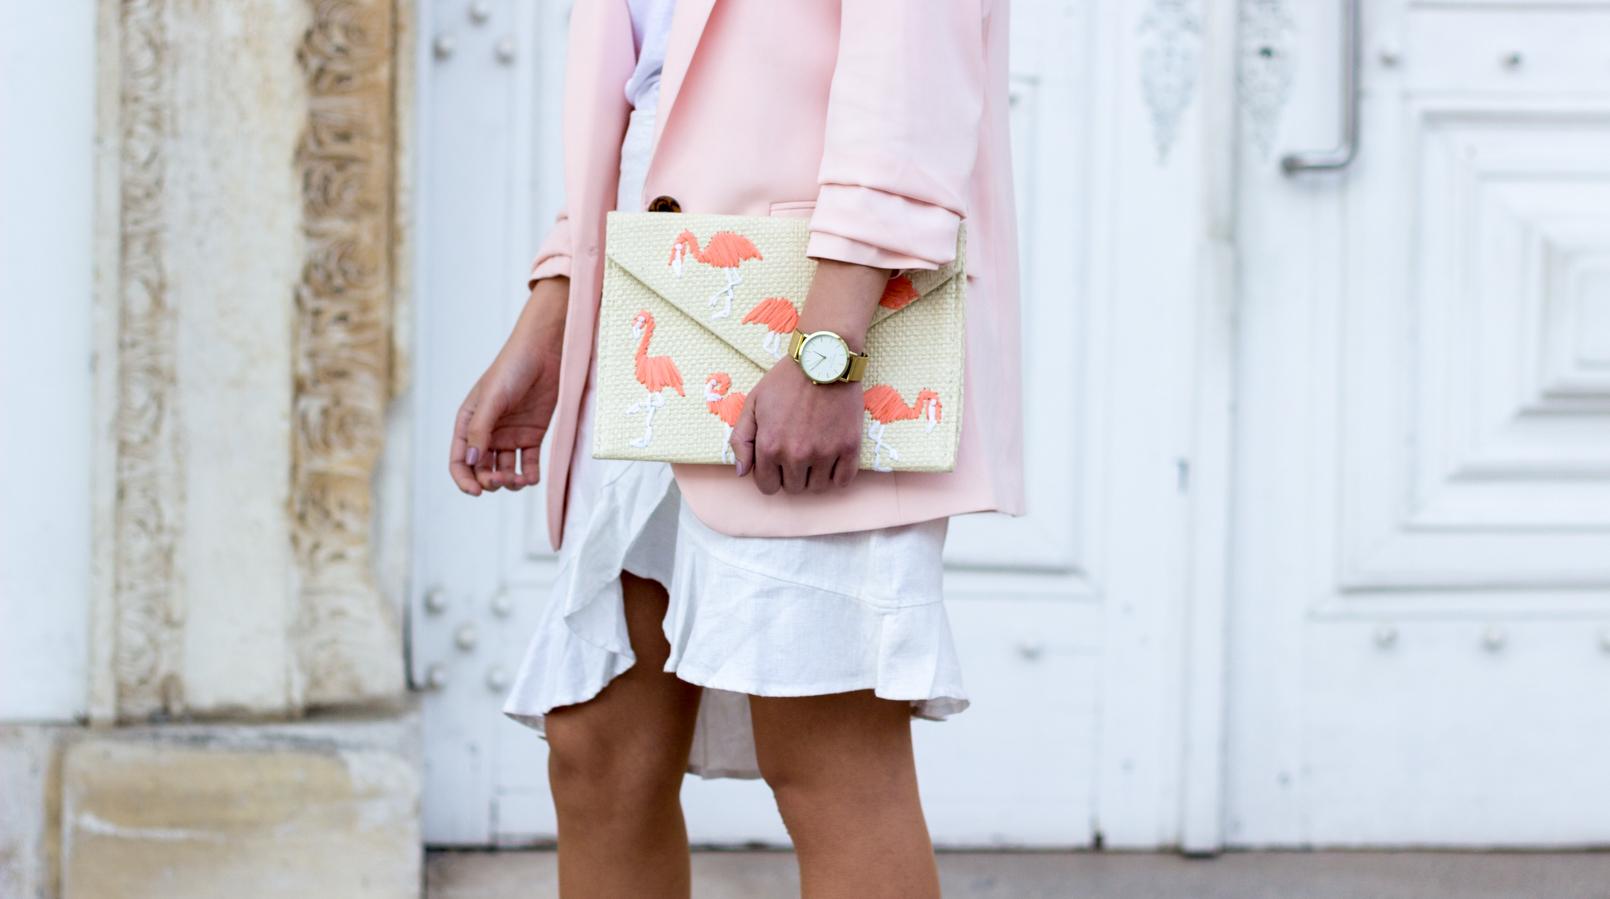 Le Fashionaire A clutch com flamingos saia branca folhos americo tavar blazer rosa bebe largo hm clutch palha flamingos rosa mango 2061F PT